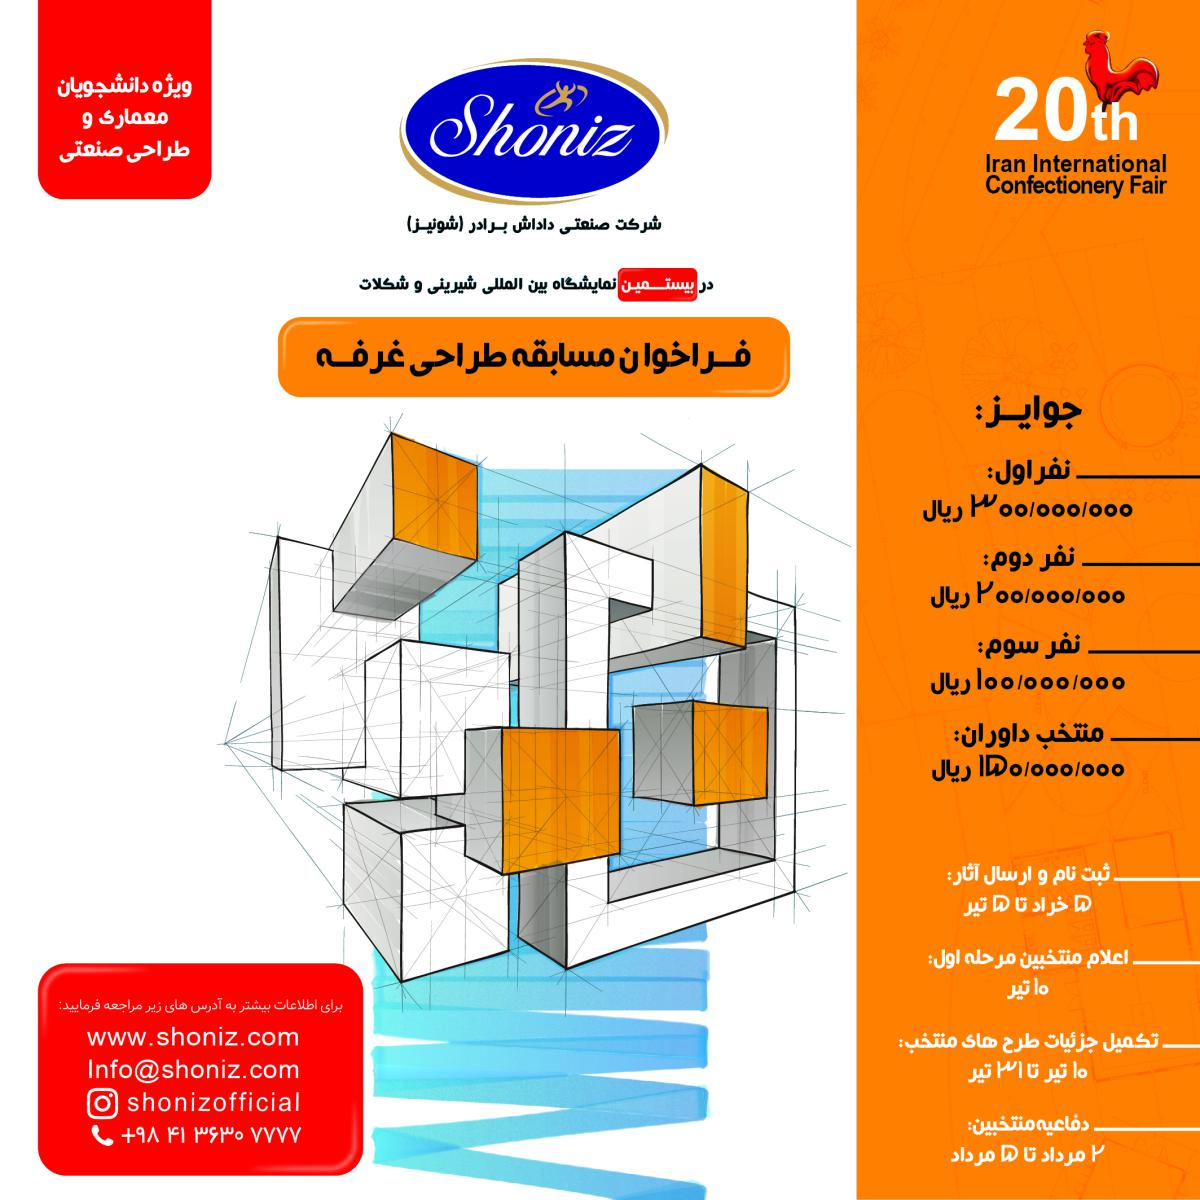 فراخوان مسابقه طراحی غرفه نمایشگاهی شونیز